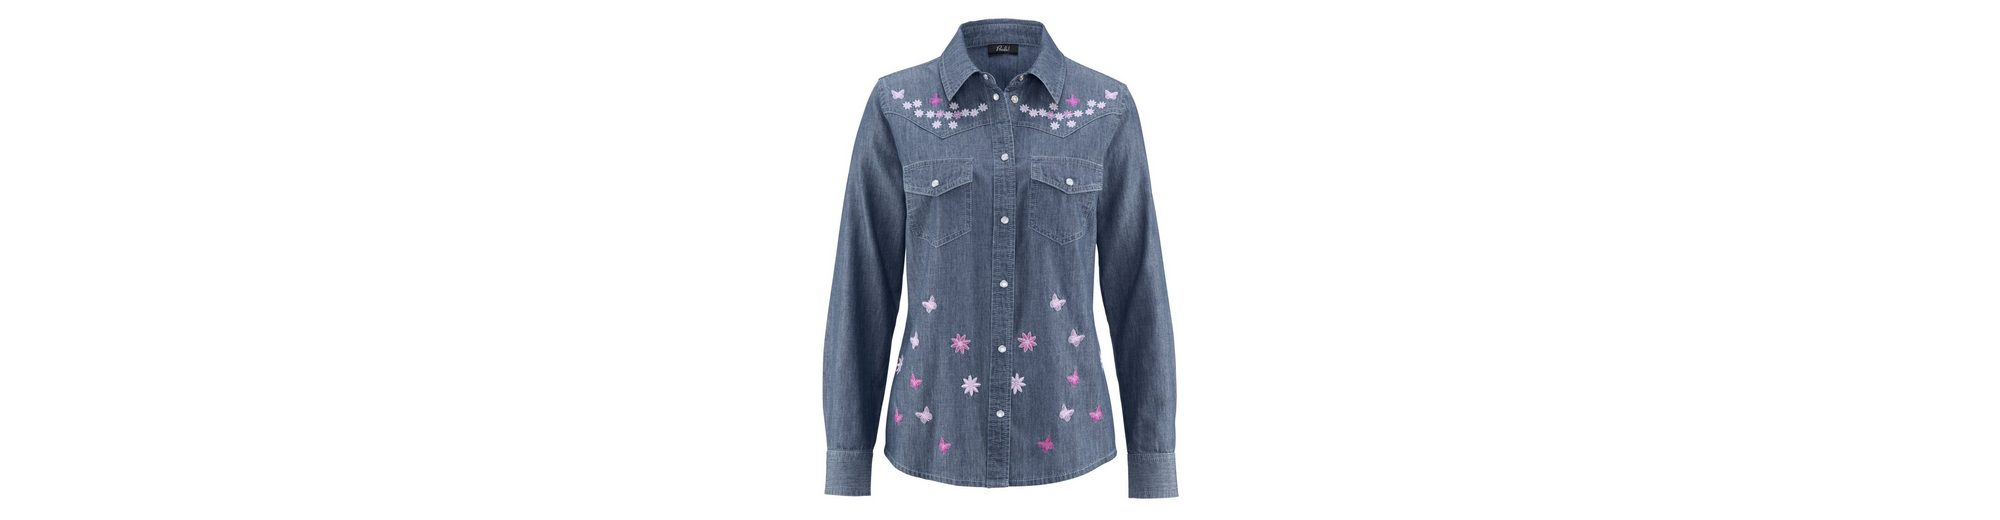 Paola Jeansbluse aus reiner Baumwolle Verkauf Perfekt Auslass Mit Paypal Freiem Verschiffen TJ7bVMFj